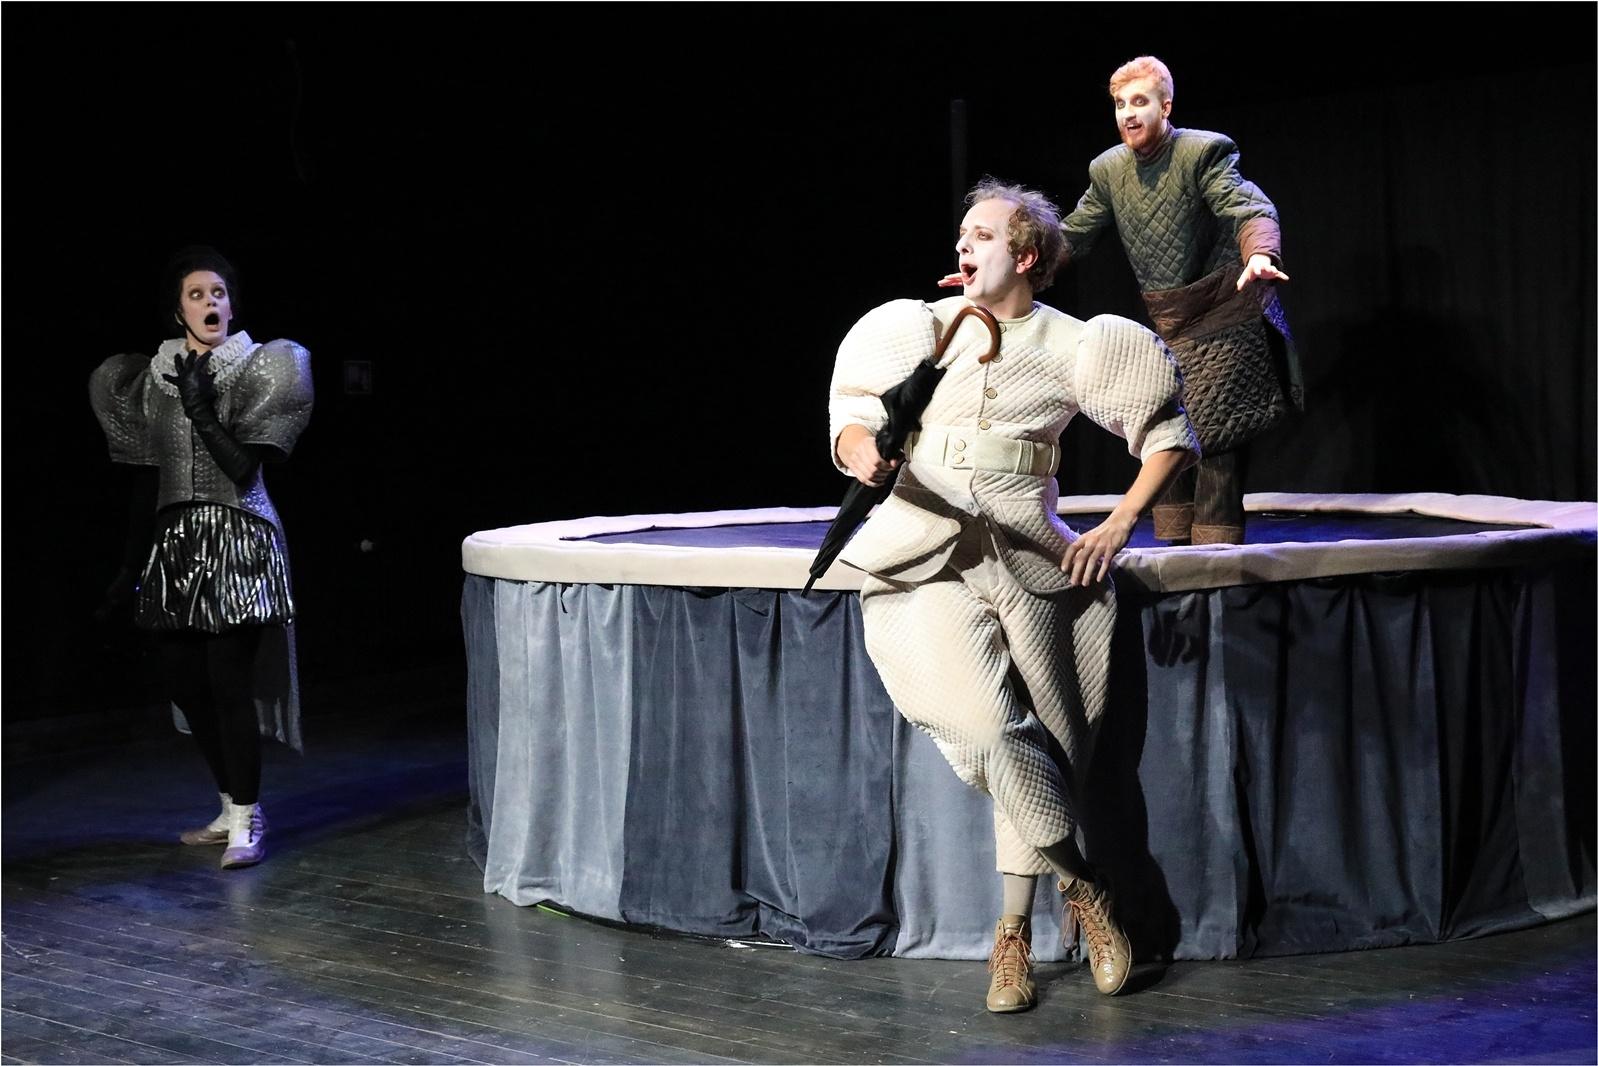 Valstybinis Šiaulių dramos teatras kviečia minėti Tarptautinę teatro dieną online